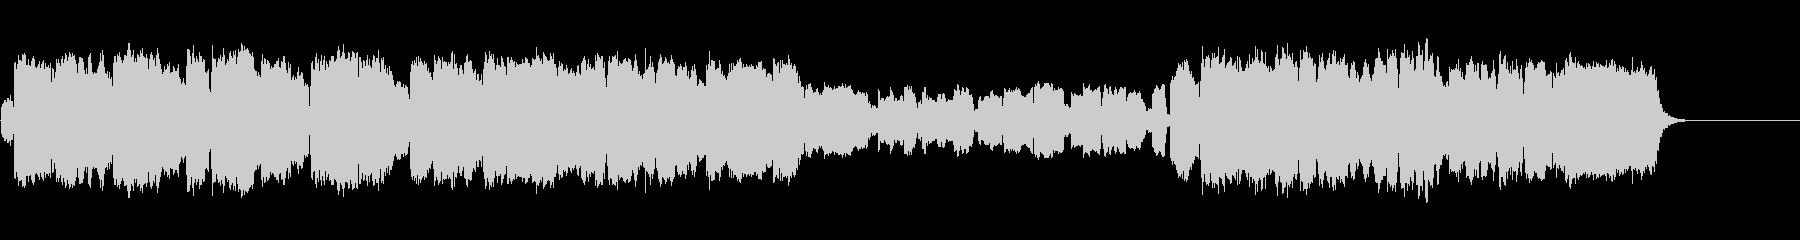 ノルウェーの結婚行進曲(フエ四重奏)の未再生の波形